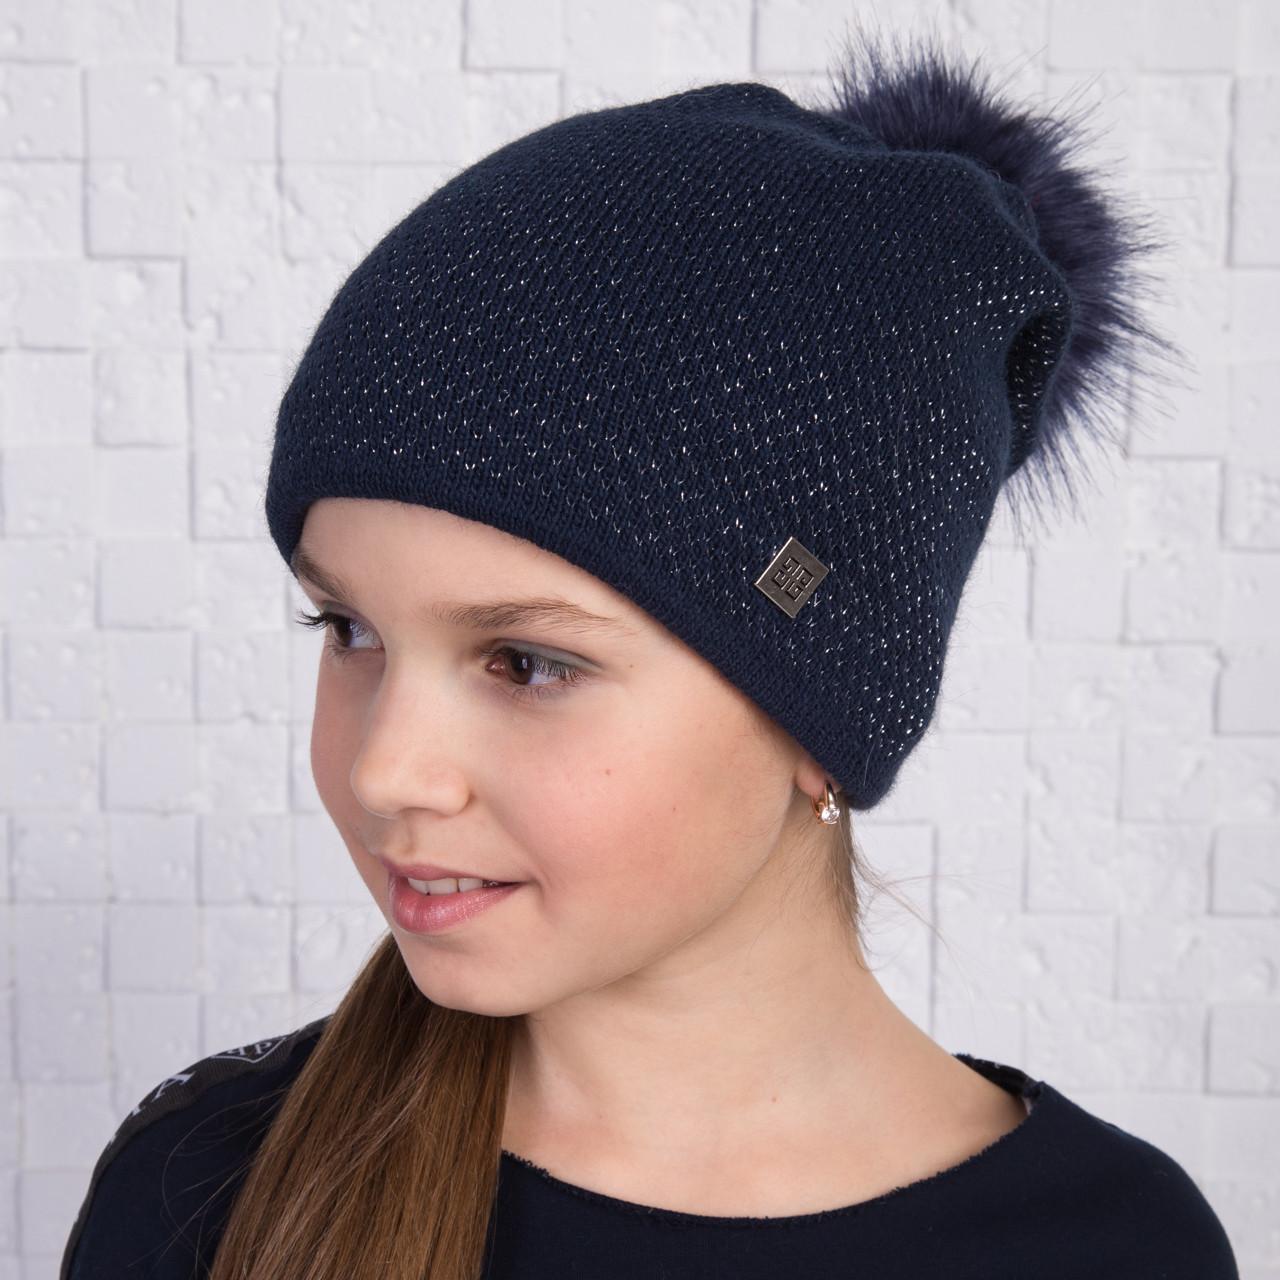 189373ee7f4b Купить Вязанную шапку с меховым помпоном для девочек на зиму - Арт 2166  (синяя) по ...